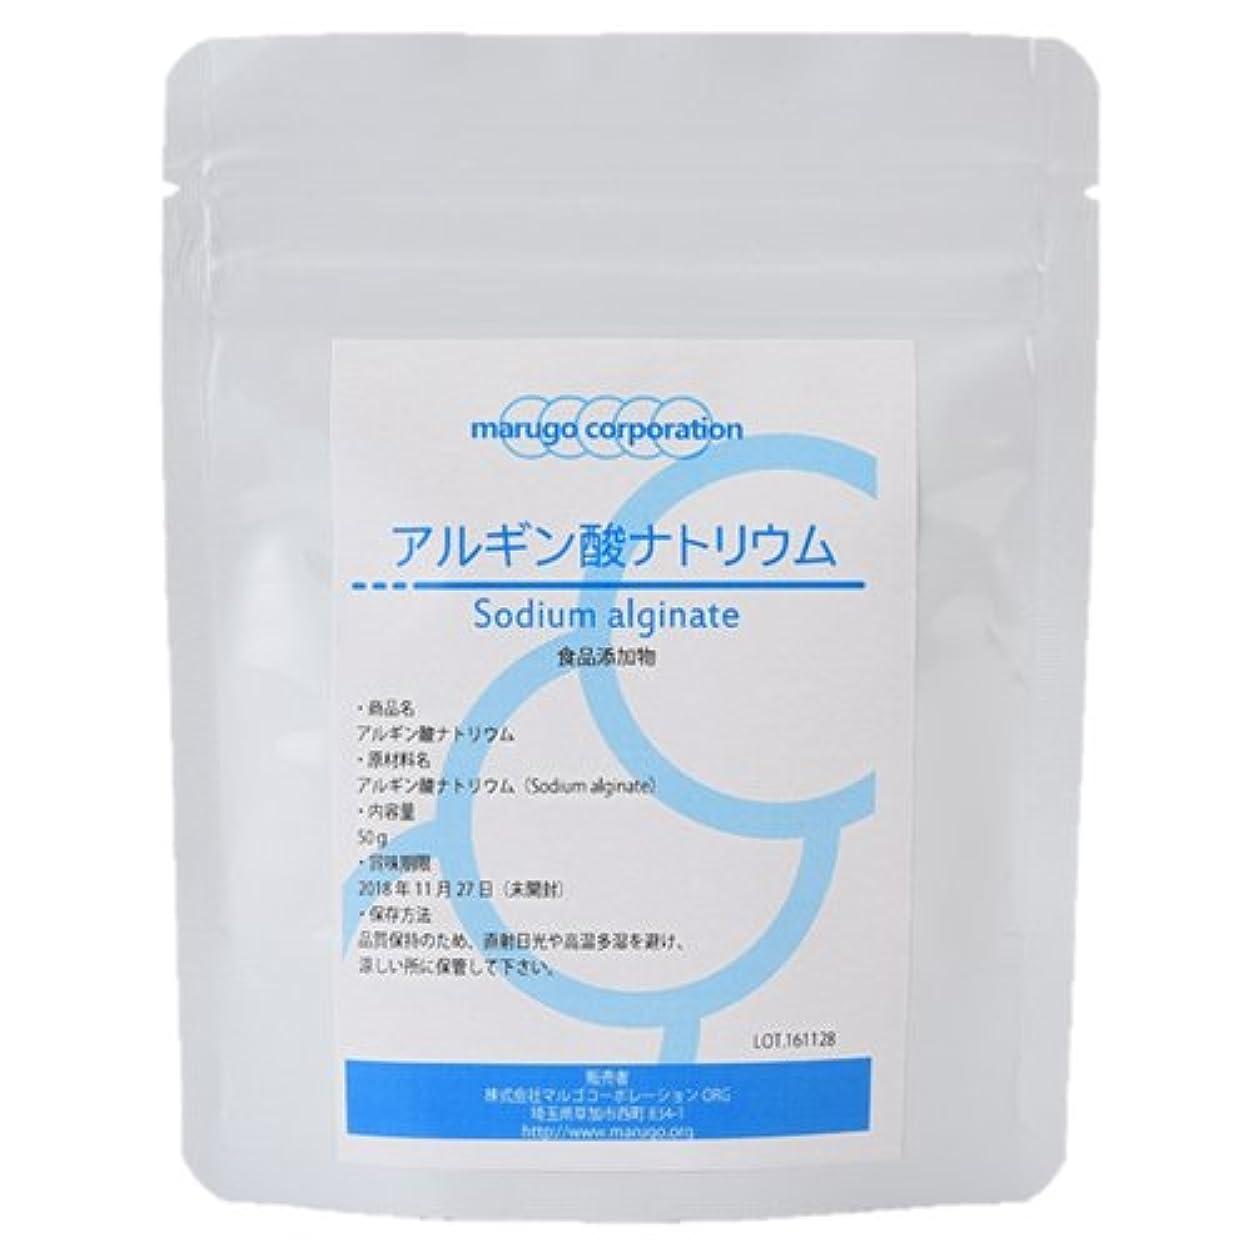 ハンカチる相対サイズmarugo(マルゴ) アルギン酸ナトリウム 50g 人口イクラ ぷるぷる水 食品添加物グレード(食用)